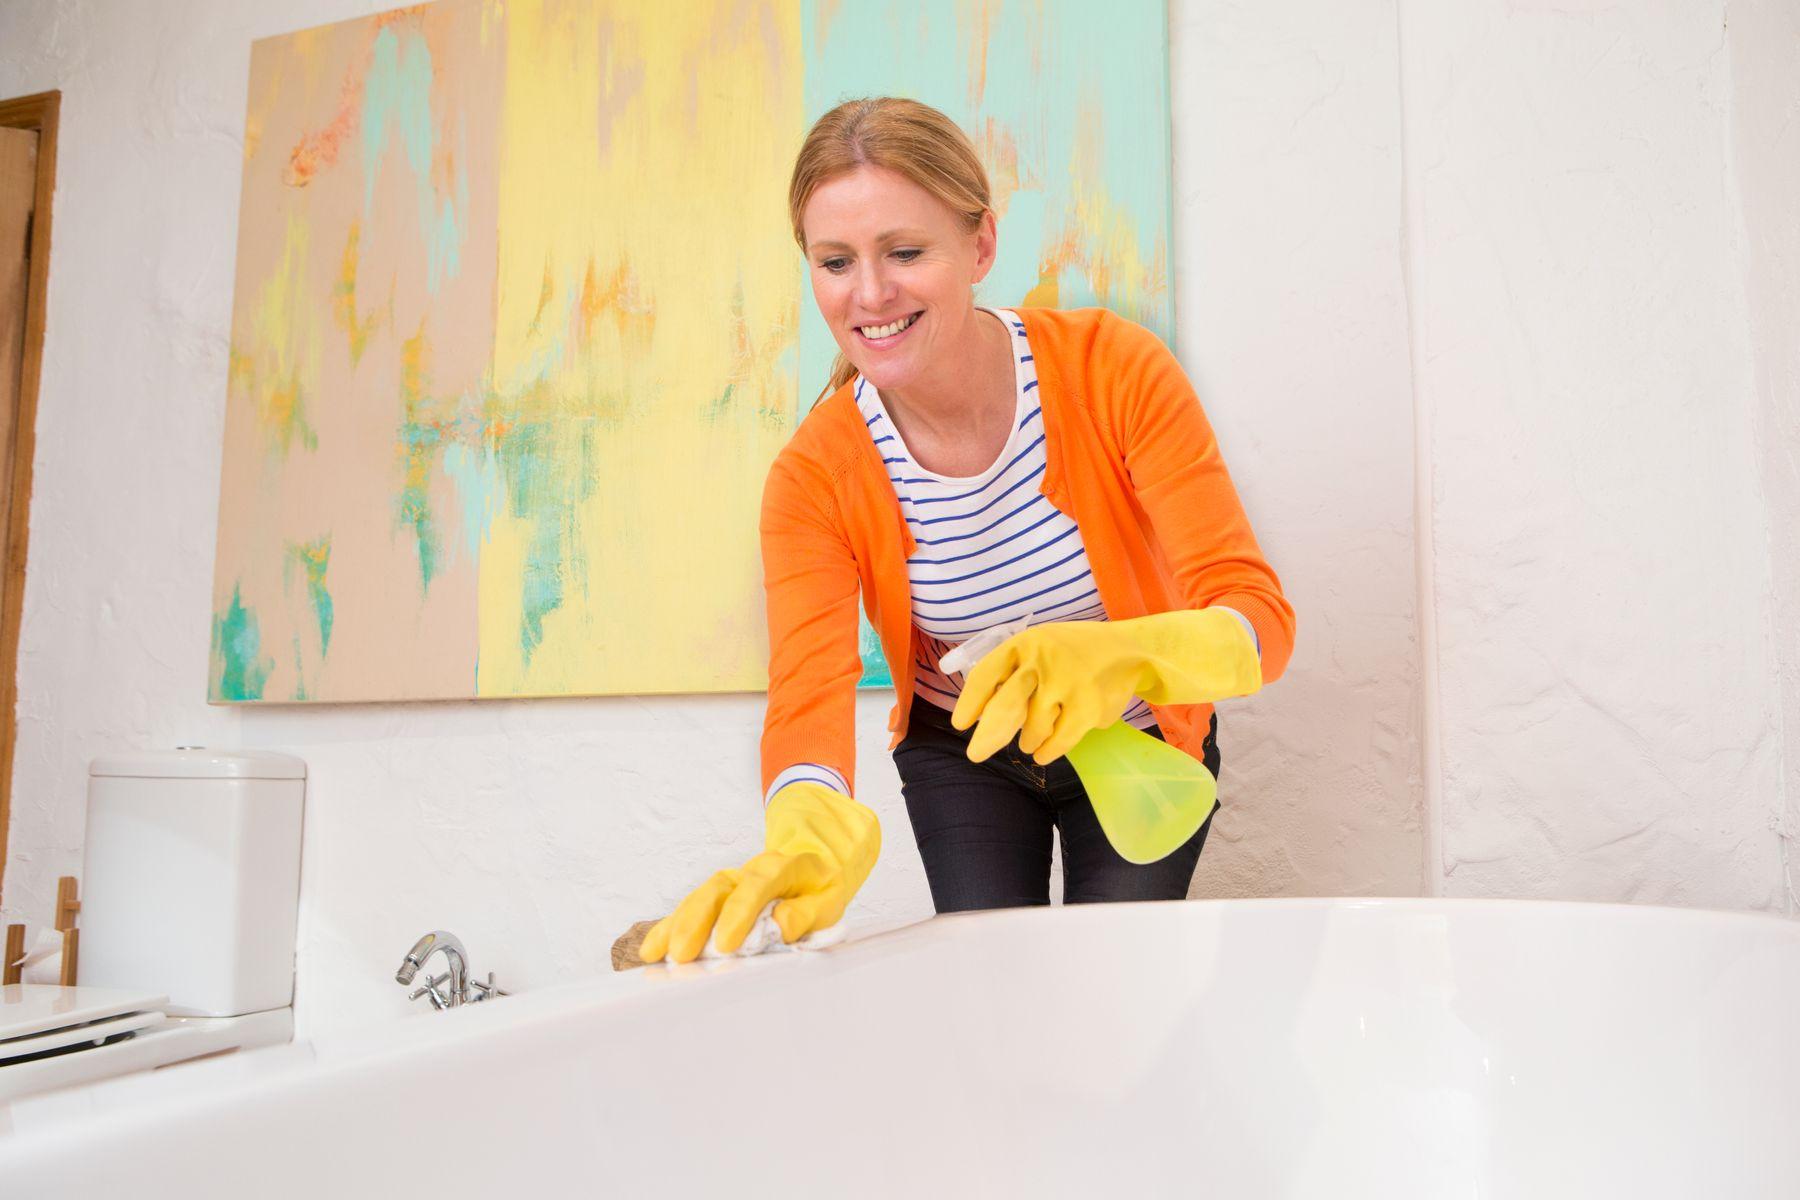 Cómo limpiar una bañera correctamente